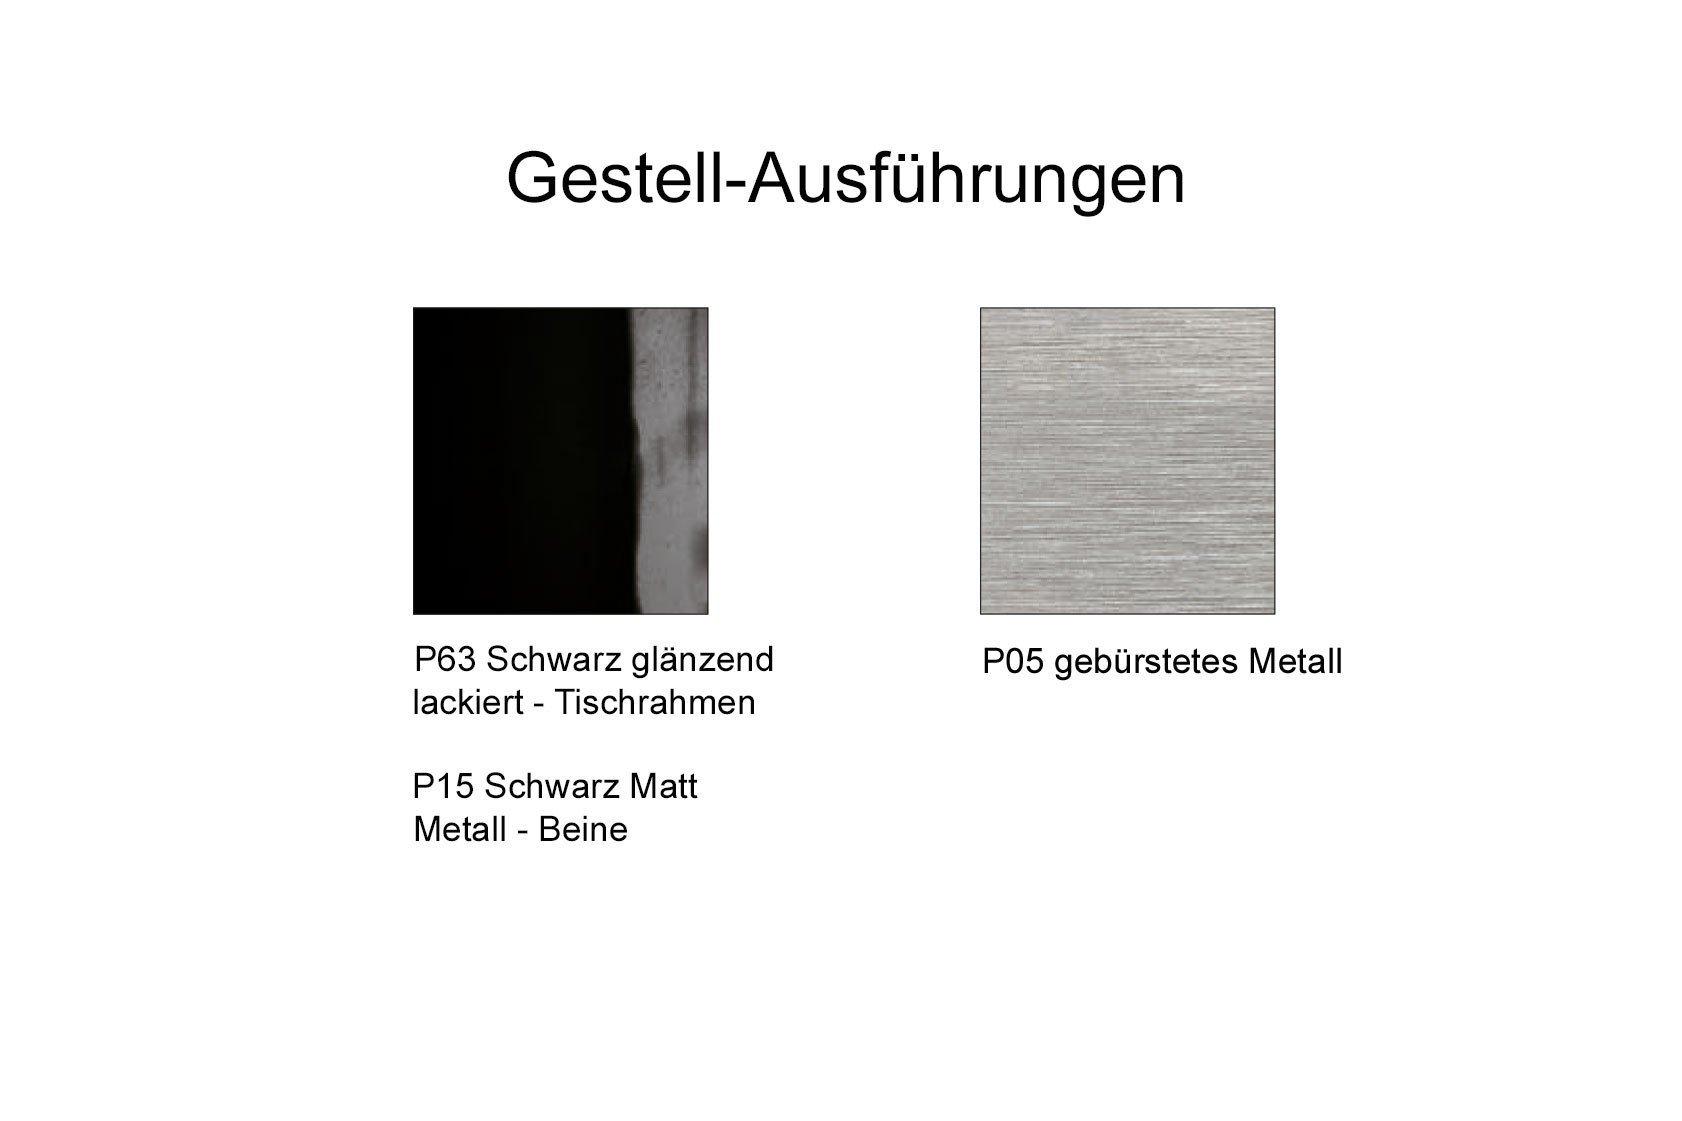 connubia by calligaris Esstisch Gate Keramik stone | Möbel Letz ...